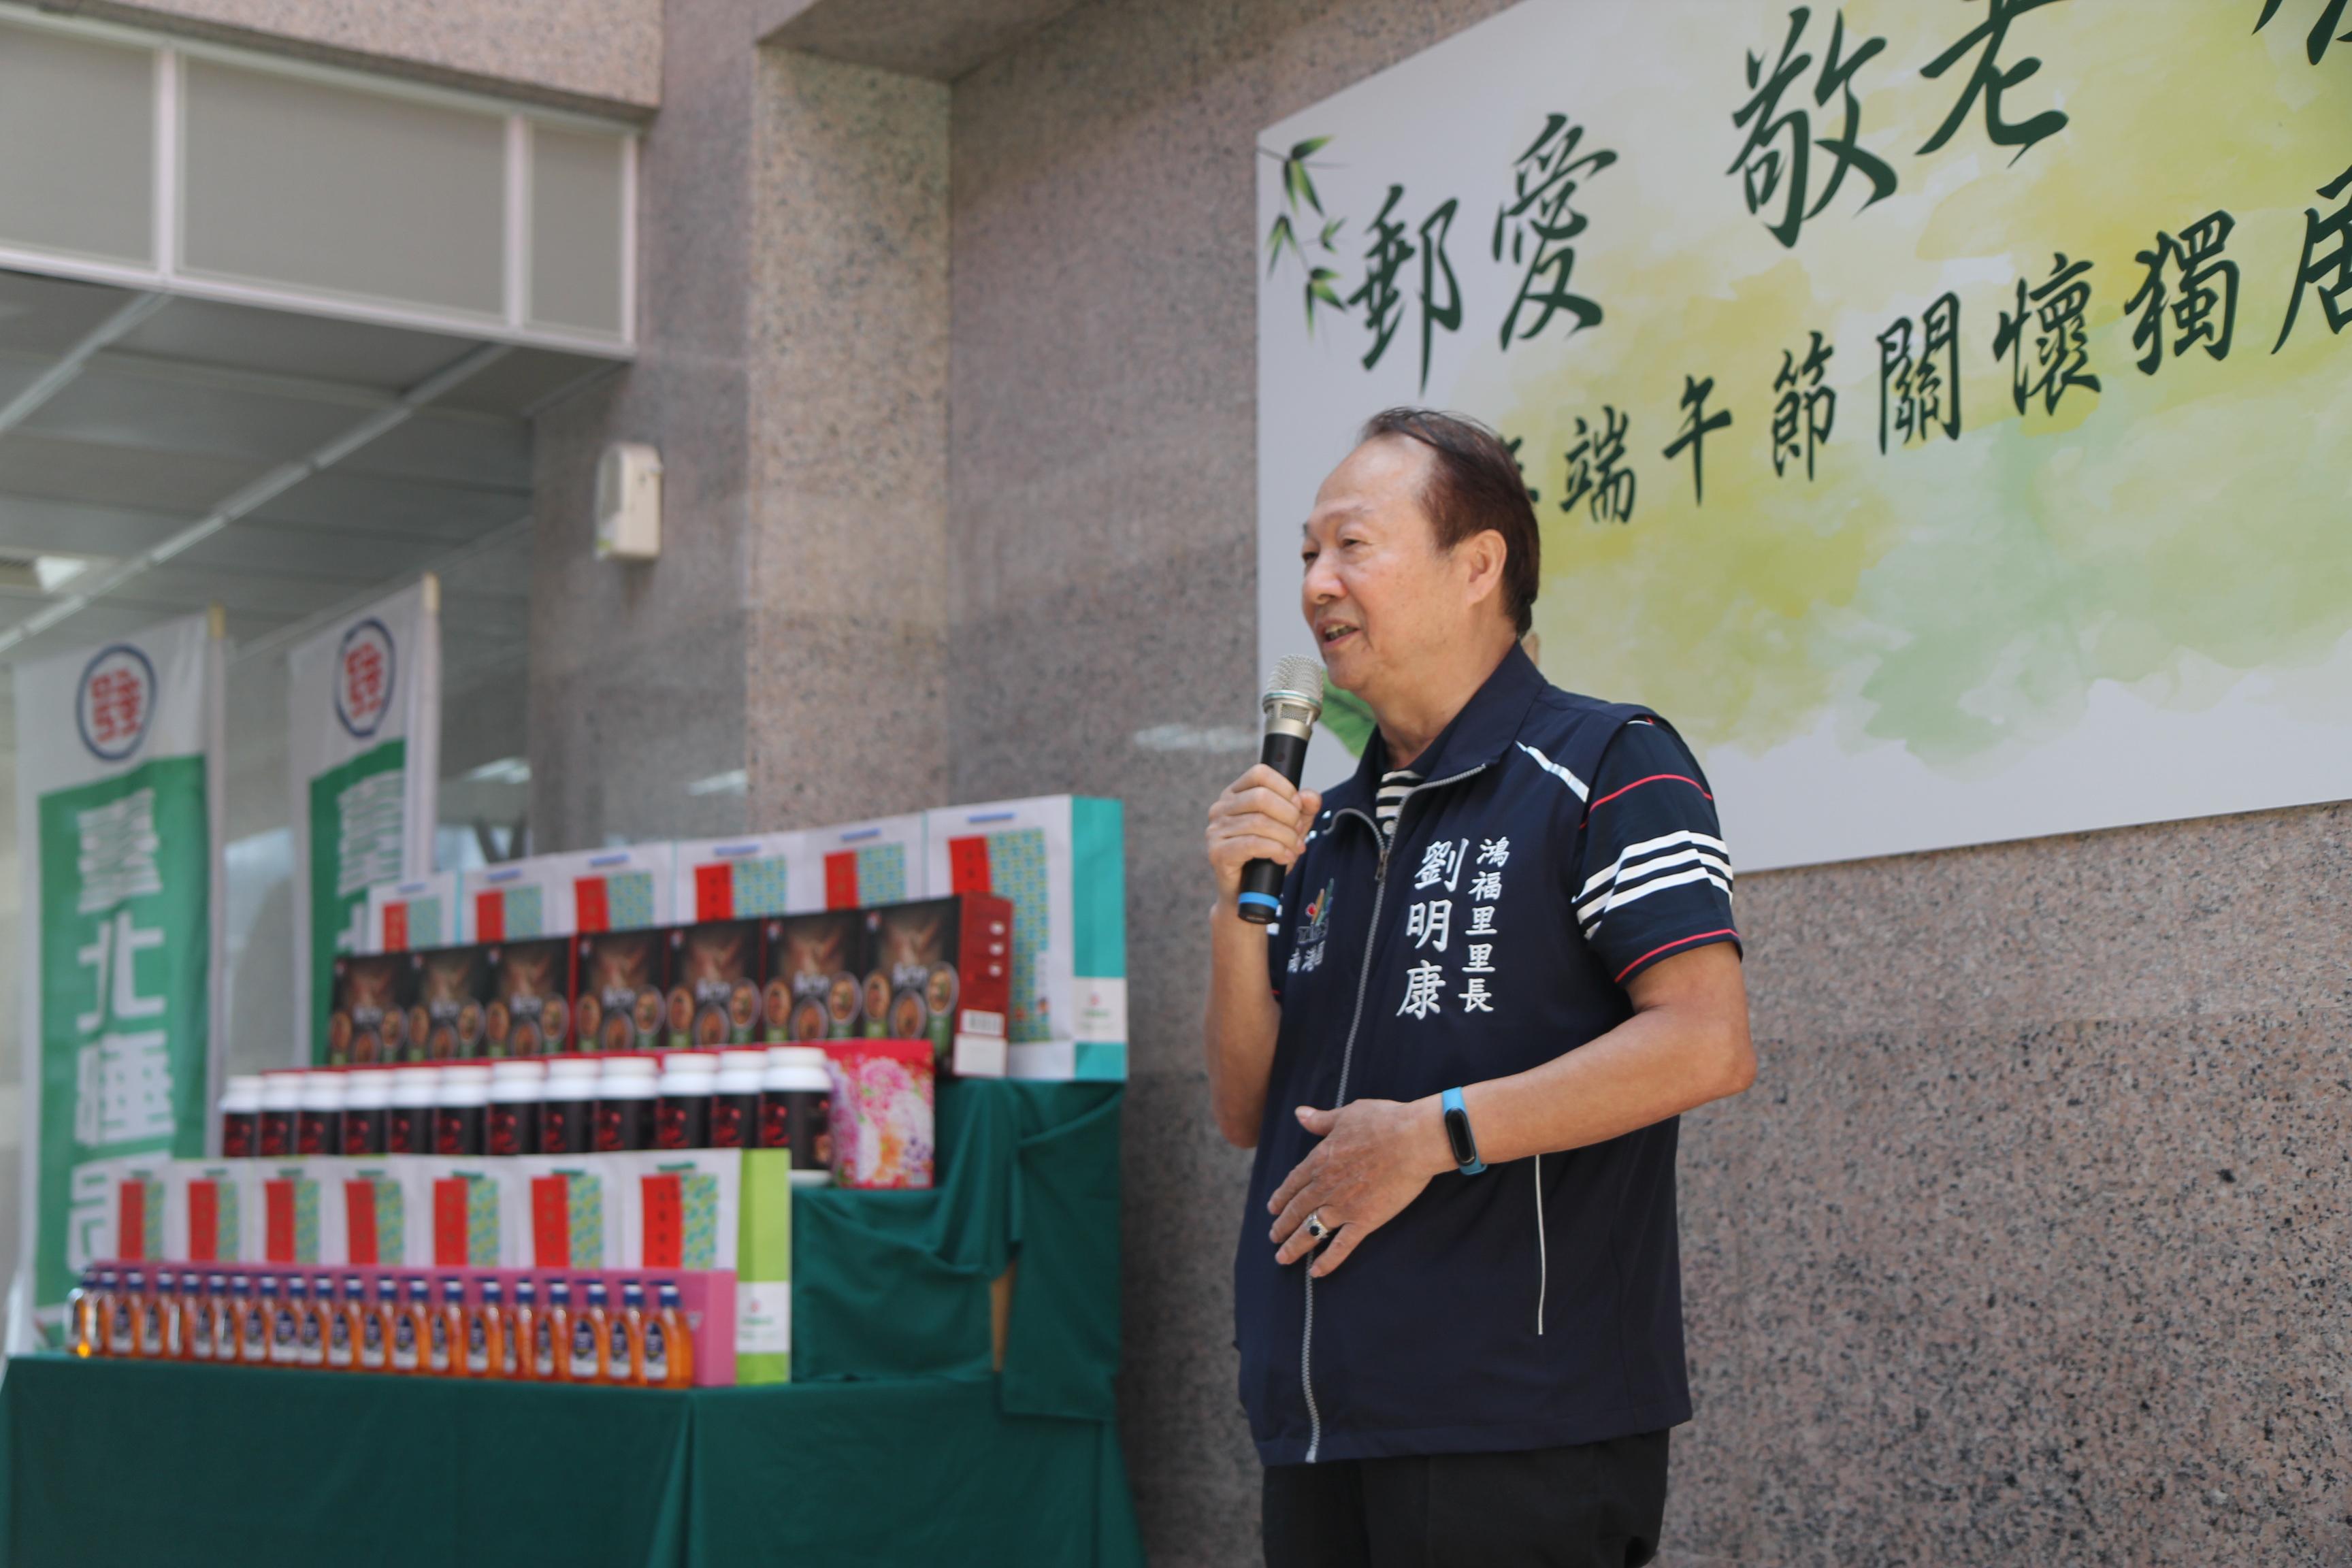 臺北郵局關懷獨居長者端午節活動